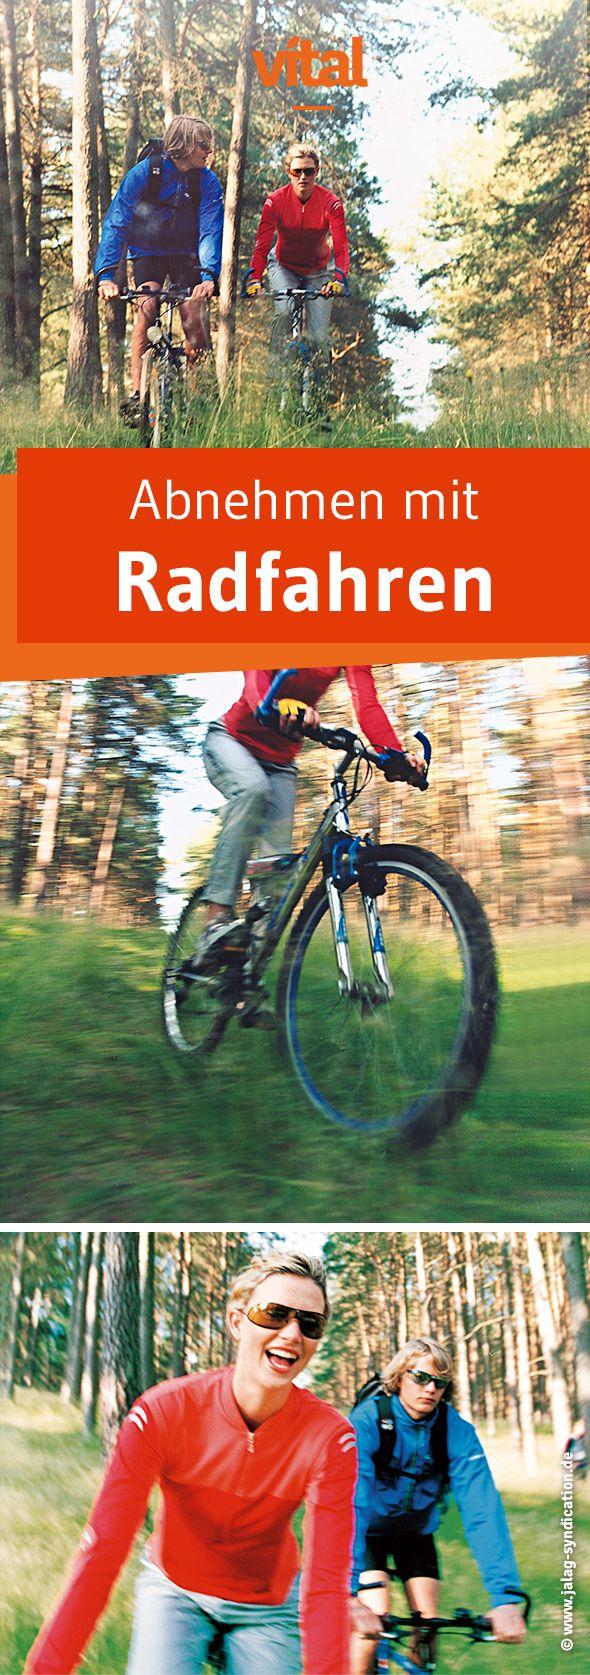 Nie war Abnehmen so einfach: schlank und fit mit Radfahren - so geht es.